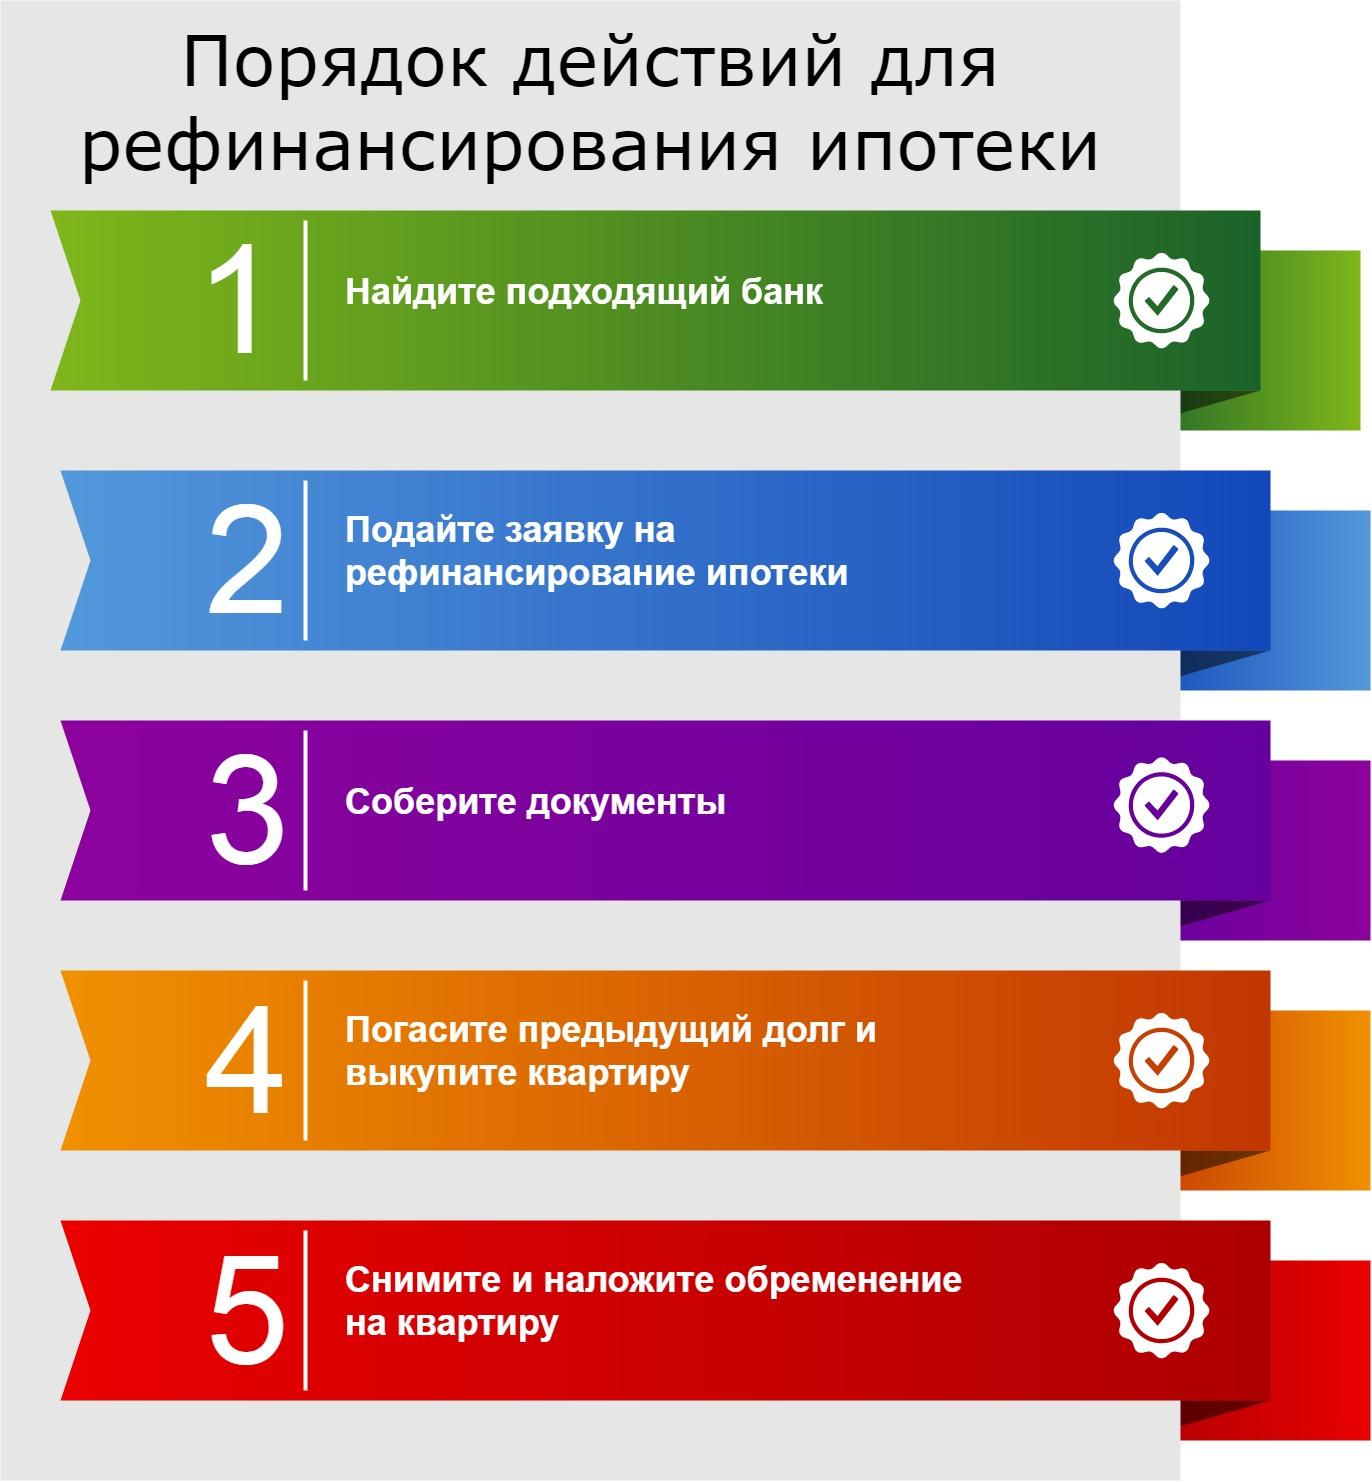 срочные онлайн займы на карту без отказов по всей россии